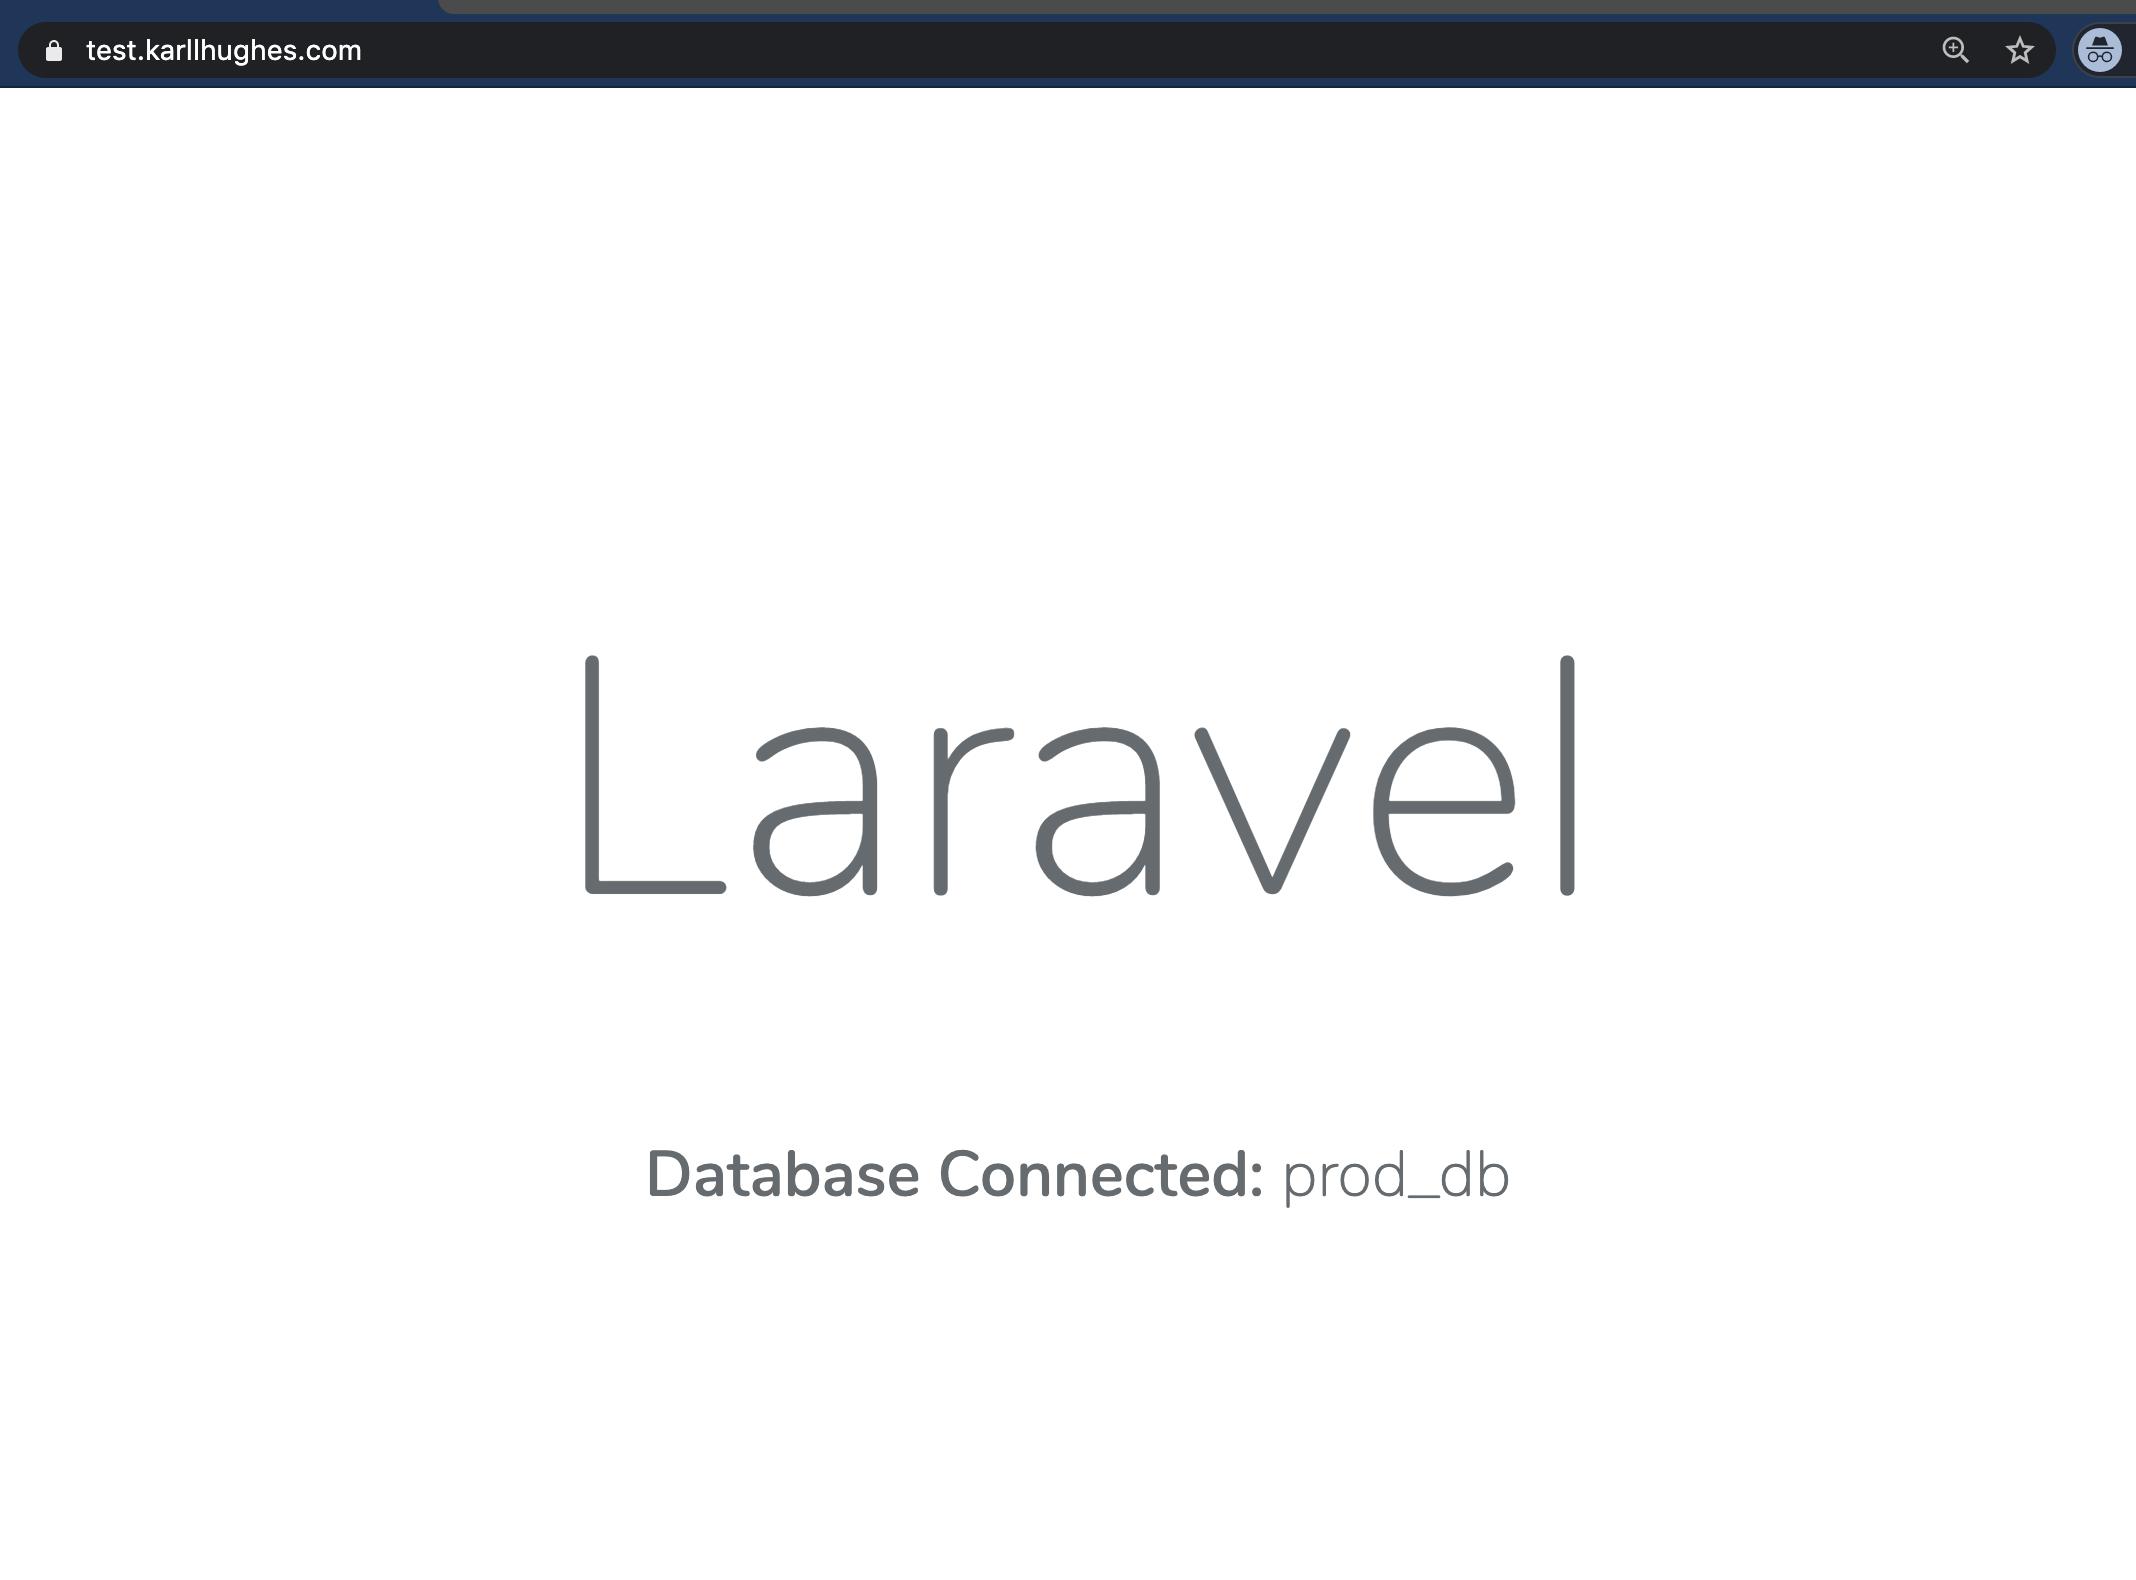 Die Laravel-Anwendung mit SSL-Terminierung und einem benutzerdefinierten Domänennamen